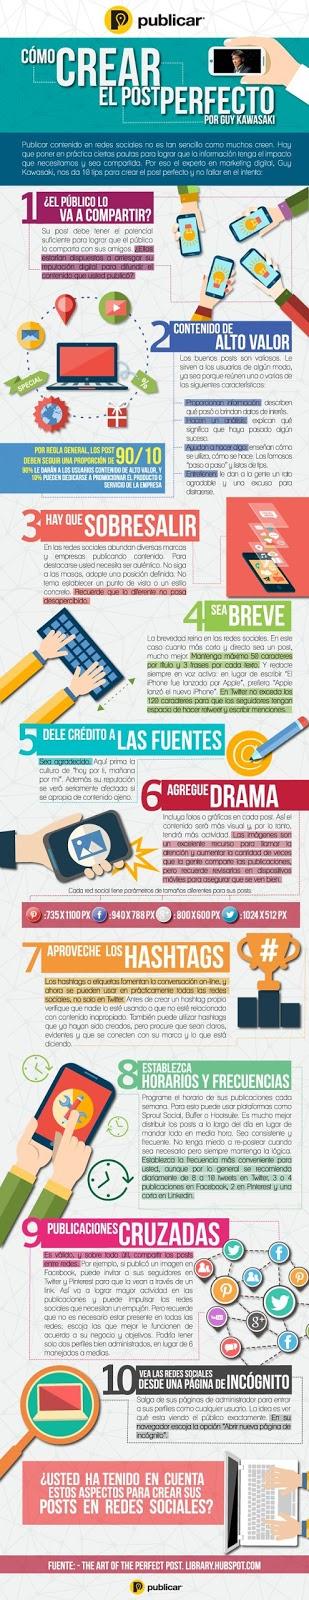 10 tips para crear el post perfecto en las Redes Sociales [Infografía]